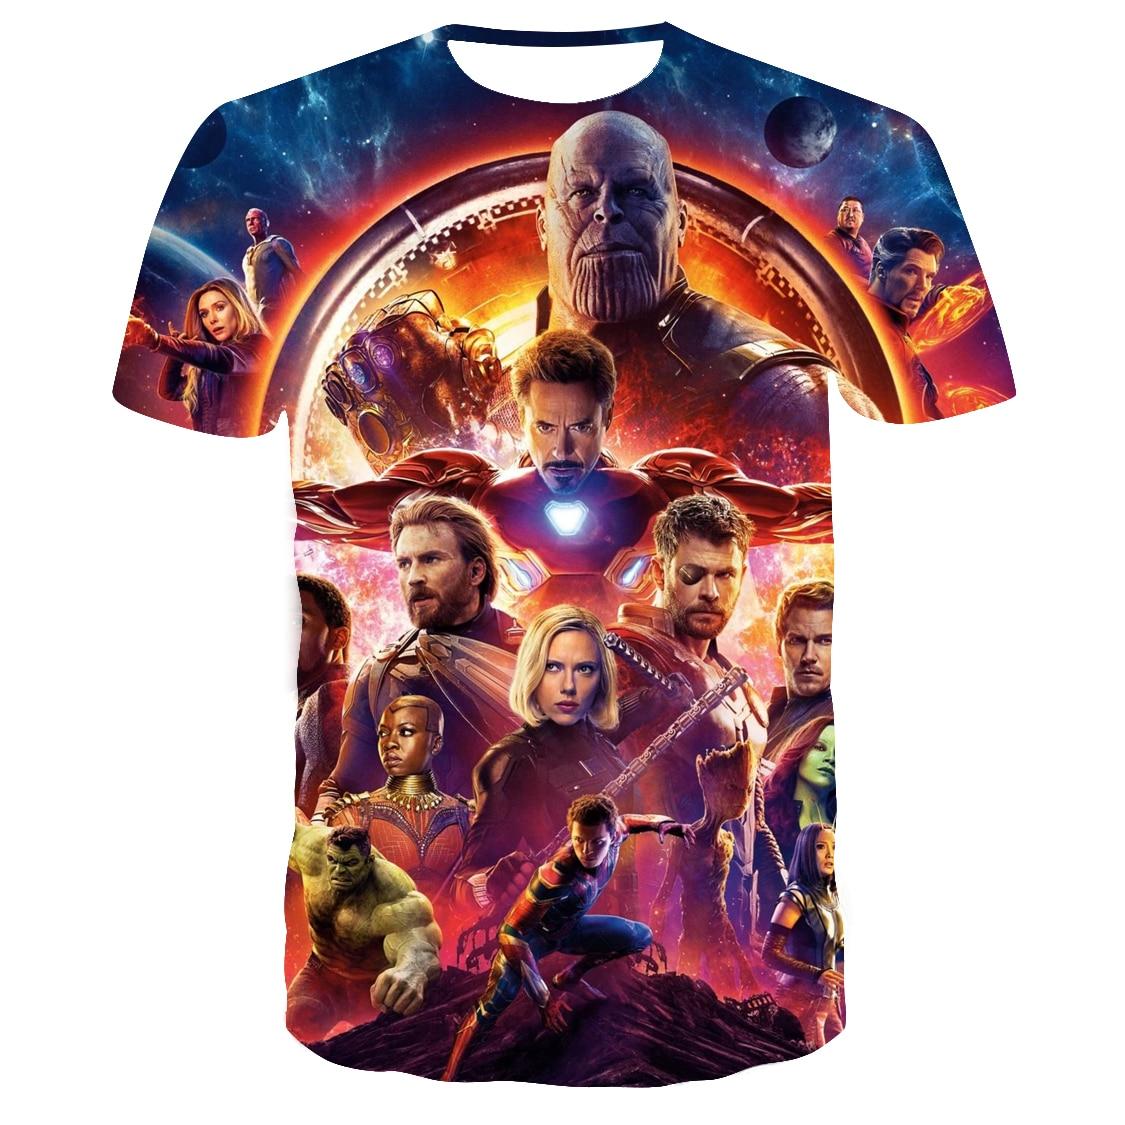 2019 nuevo Marvel Мстители 4 camiseta final imprión 3d superhéroe América camiseta cosplay camiseta hombres nueva moda de vera